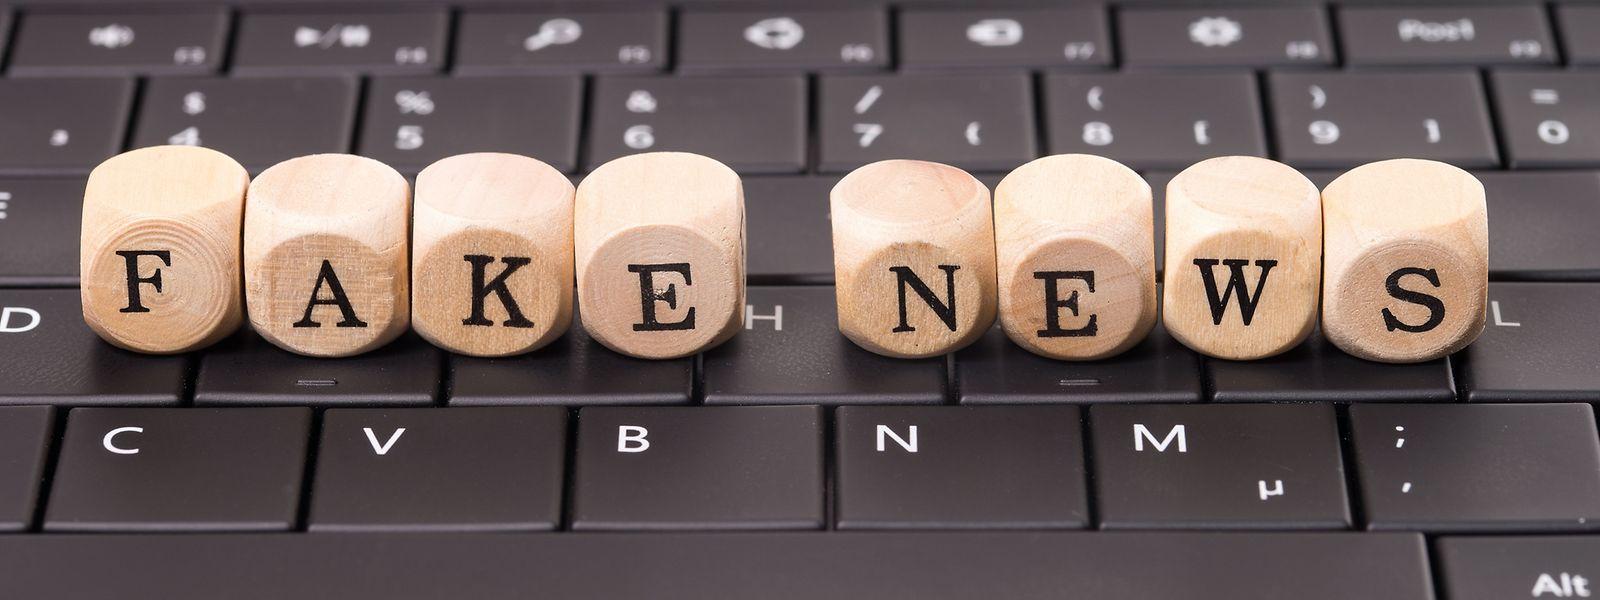 Die russische Regierung will stärker gegen Fake News vorgehen: Ein neues Gesetz sieht drastische Strafen für Privatpersonen und Firmen vor, die an der Verbreitung von Fake News beteiligt sind.